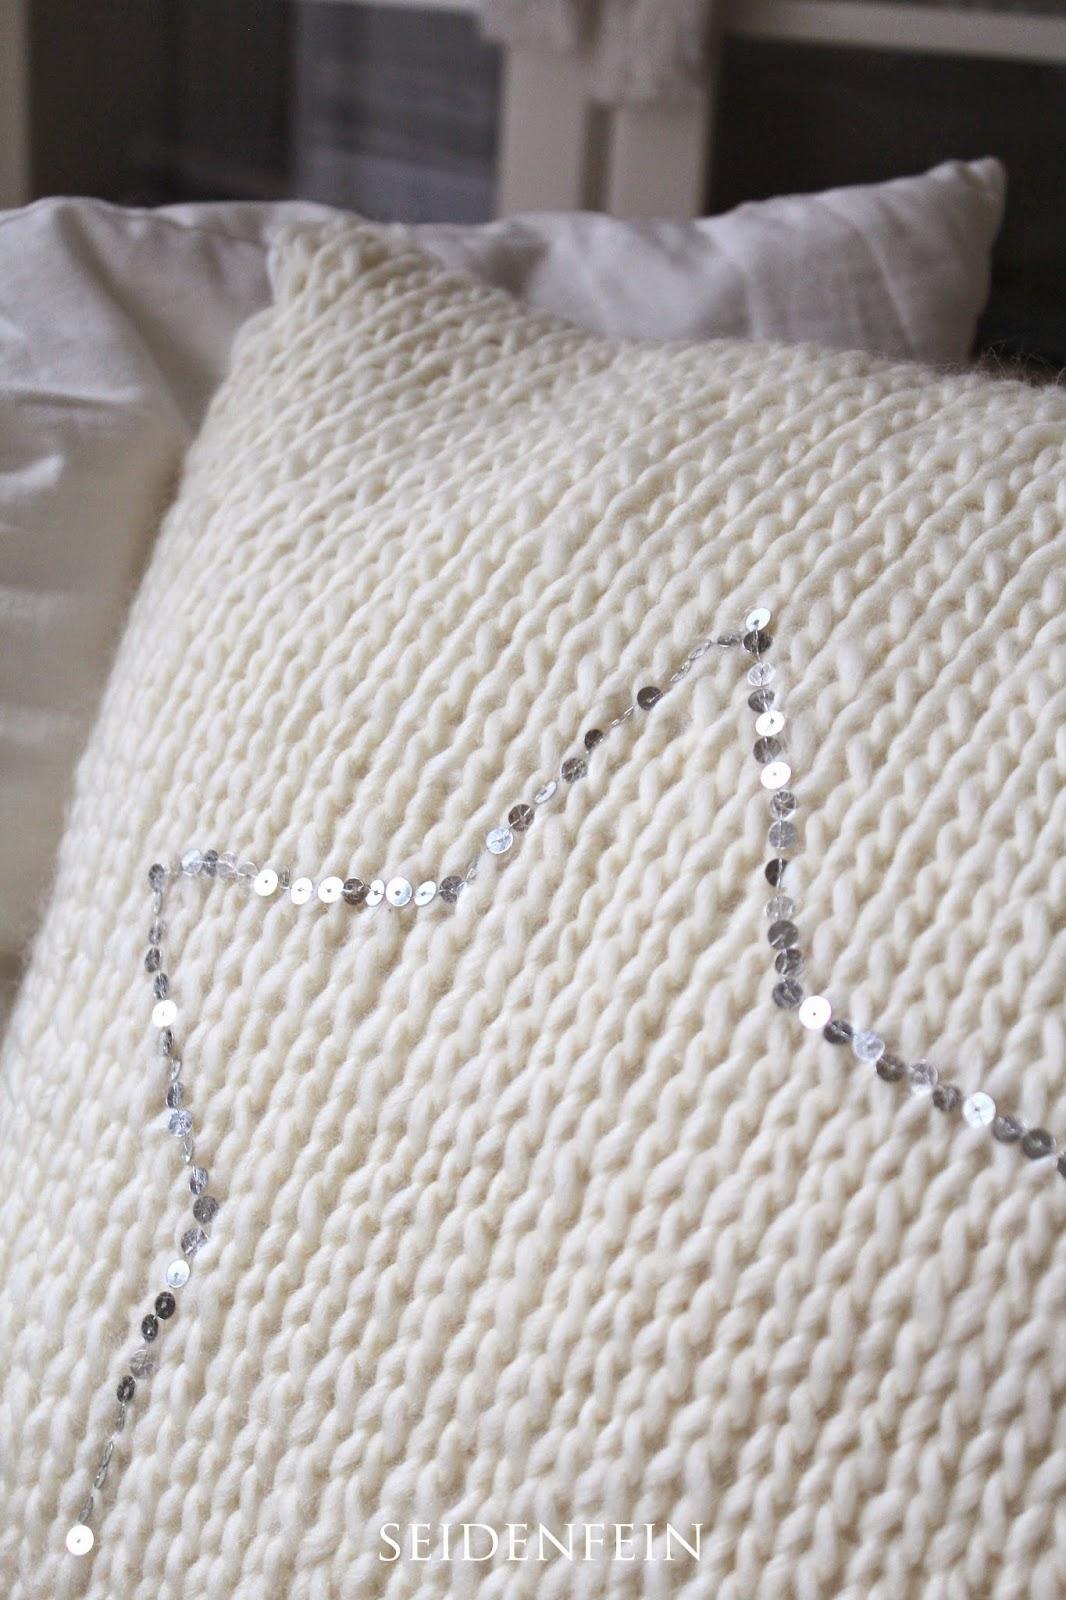 seidenfeins dekoblog 17 schnell gestrickt kissen mit pailletten fast knitting cushion with. Black Bedroom Furniture Sets. Home Design Ideas